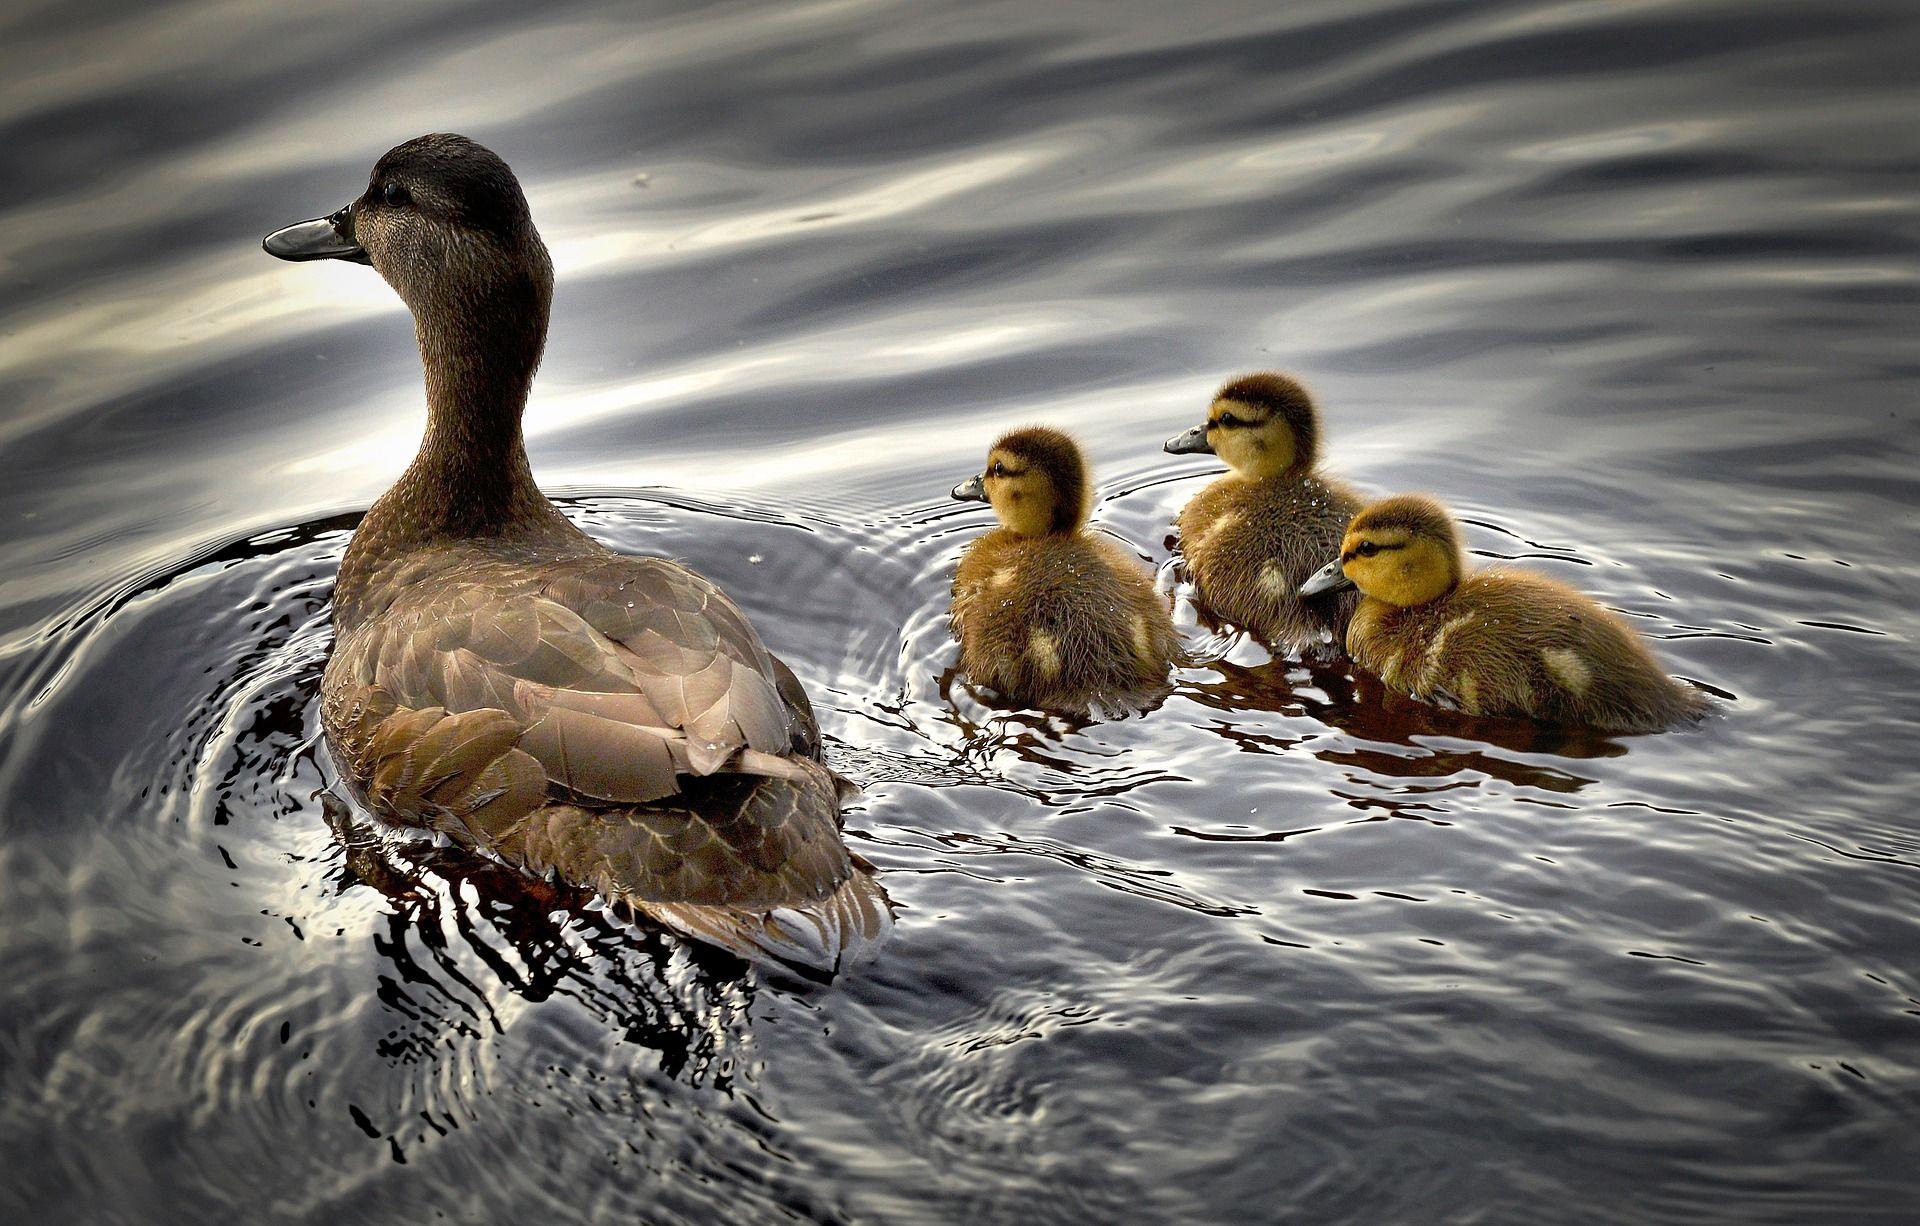 Смотреть лучшее фото утка и ее детеныши плавают в водоеме